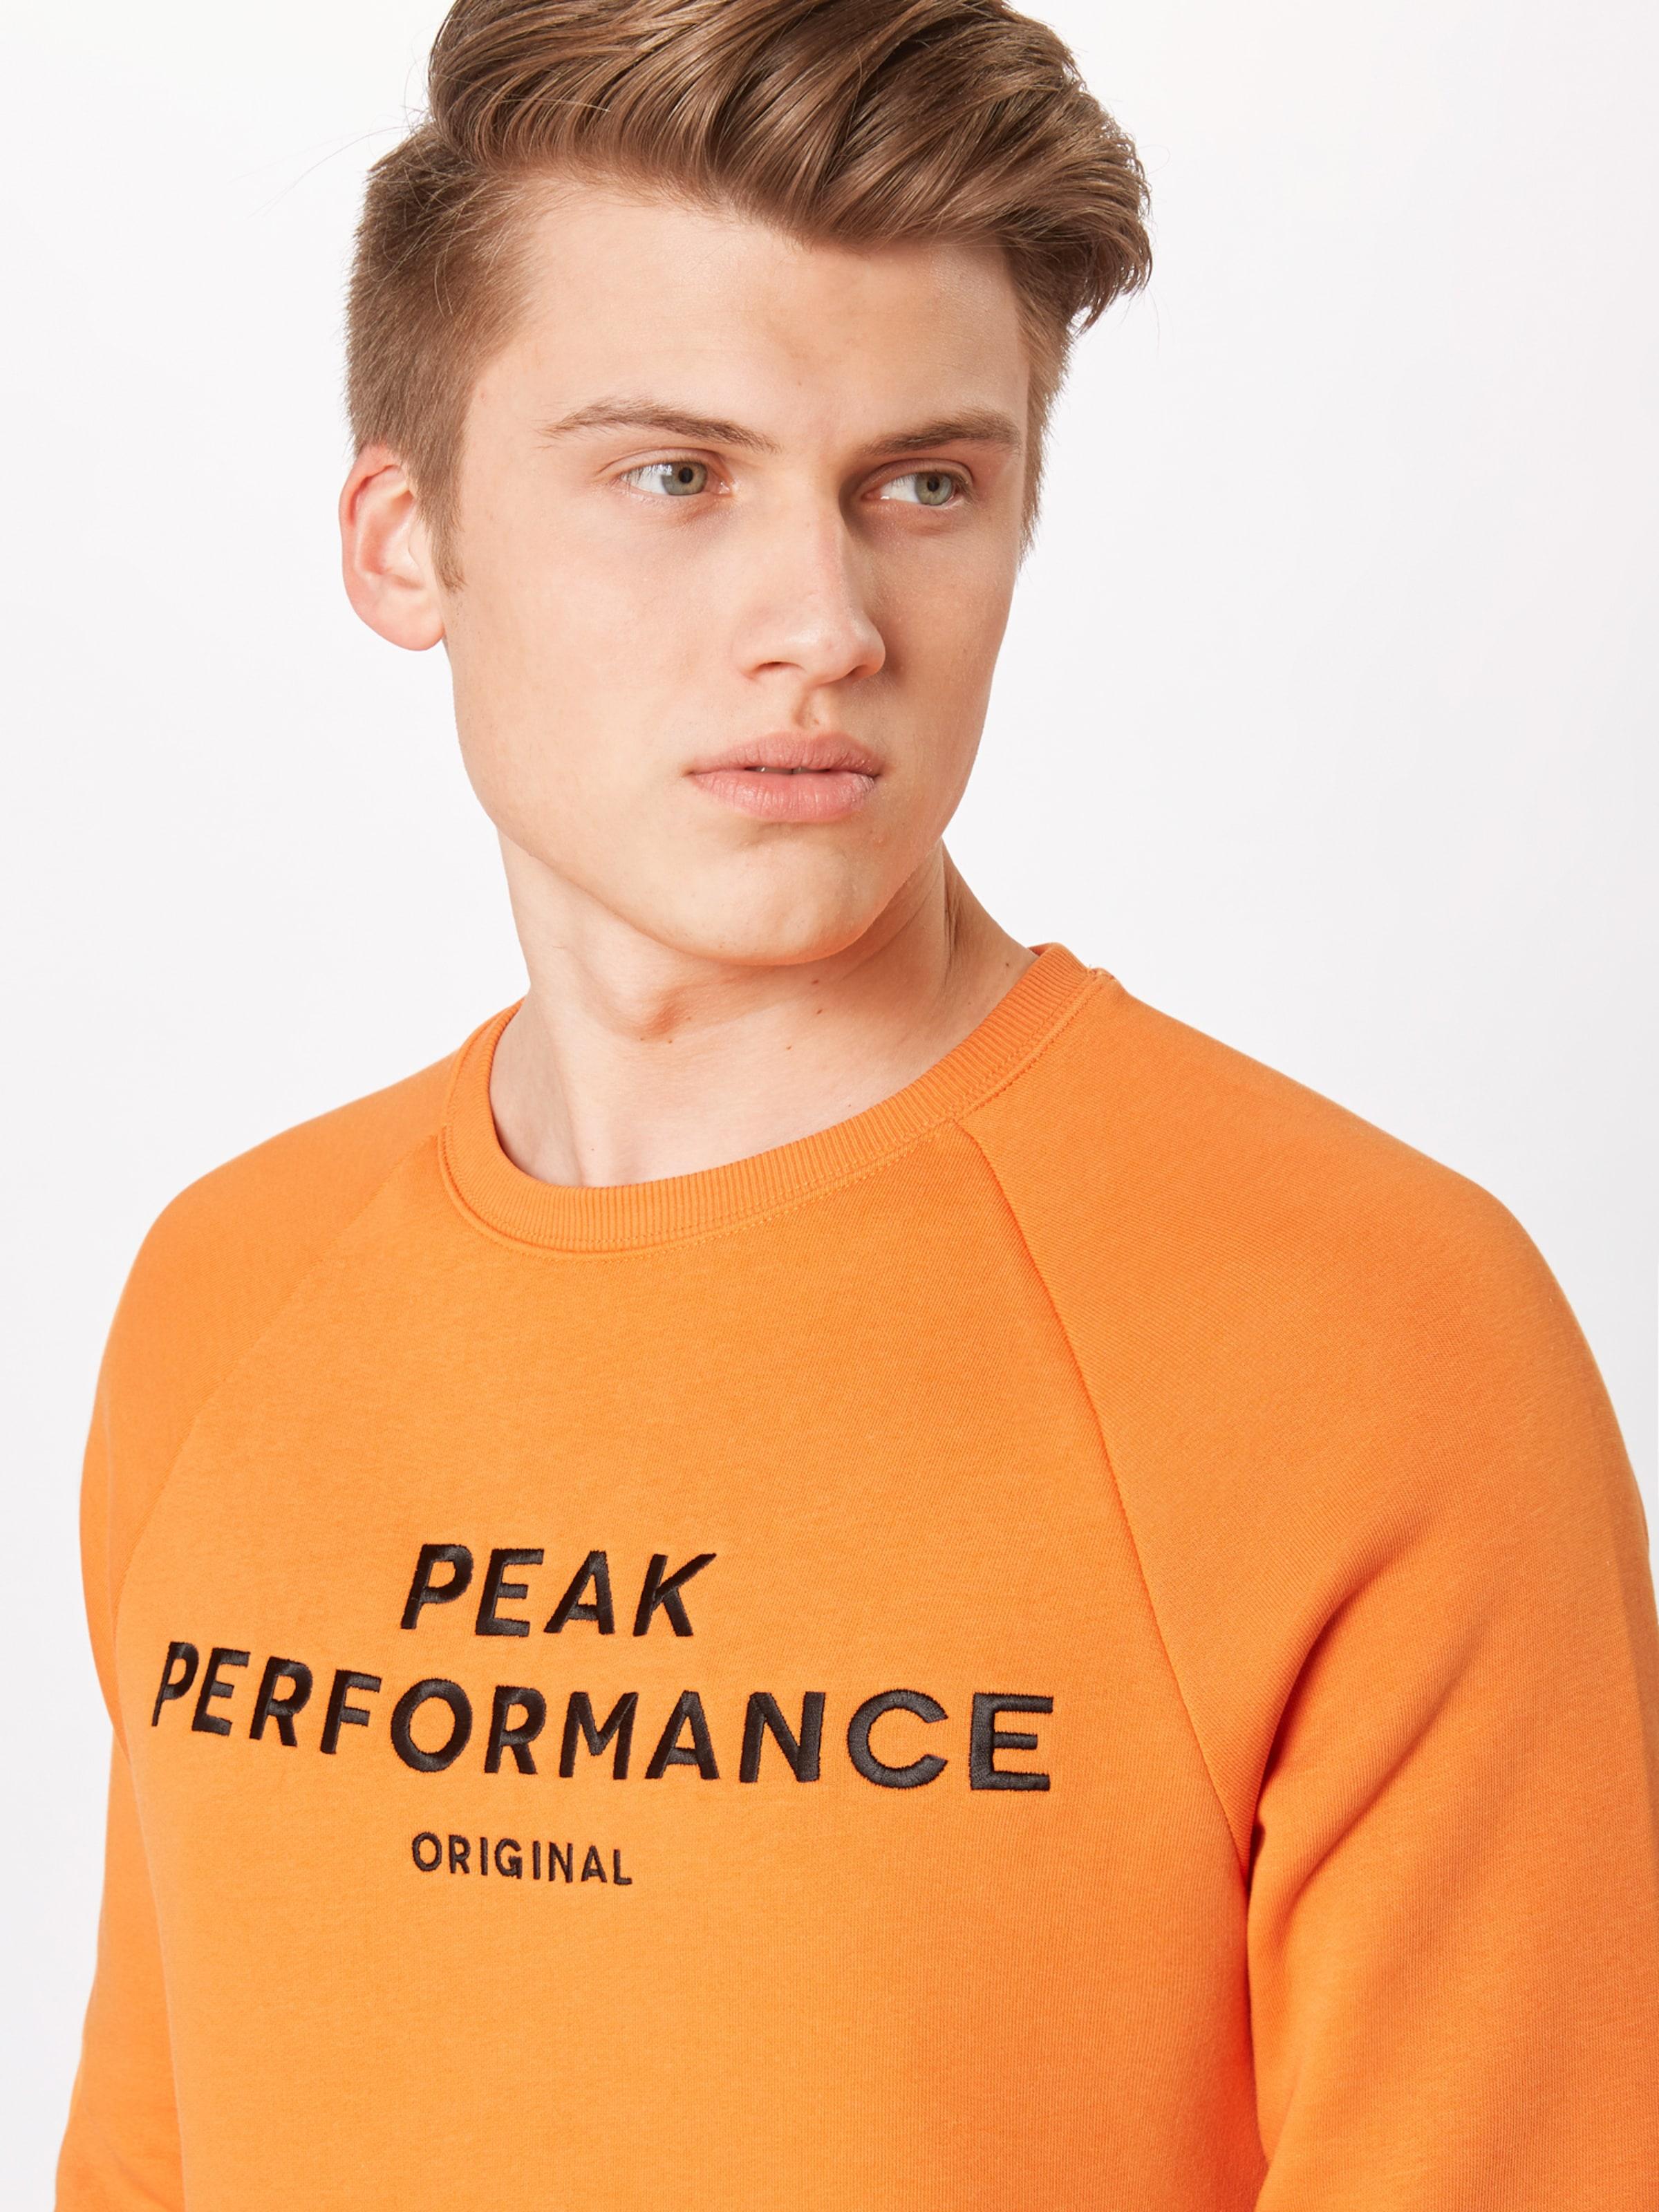 Performance Peak shirt Orange Sweat En eWIYHED29